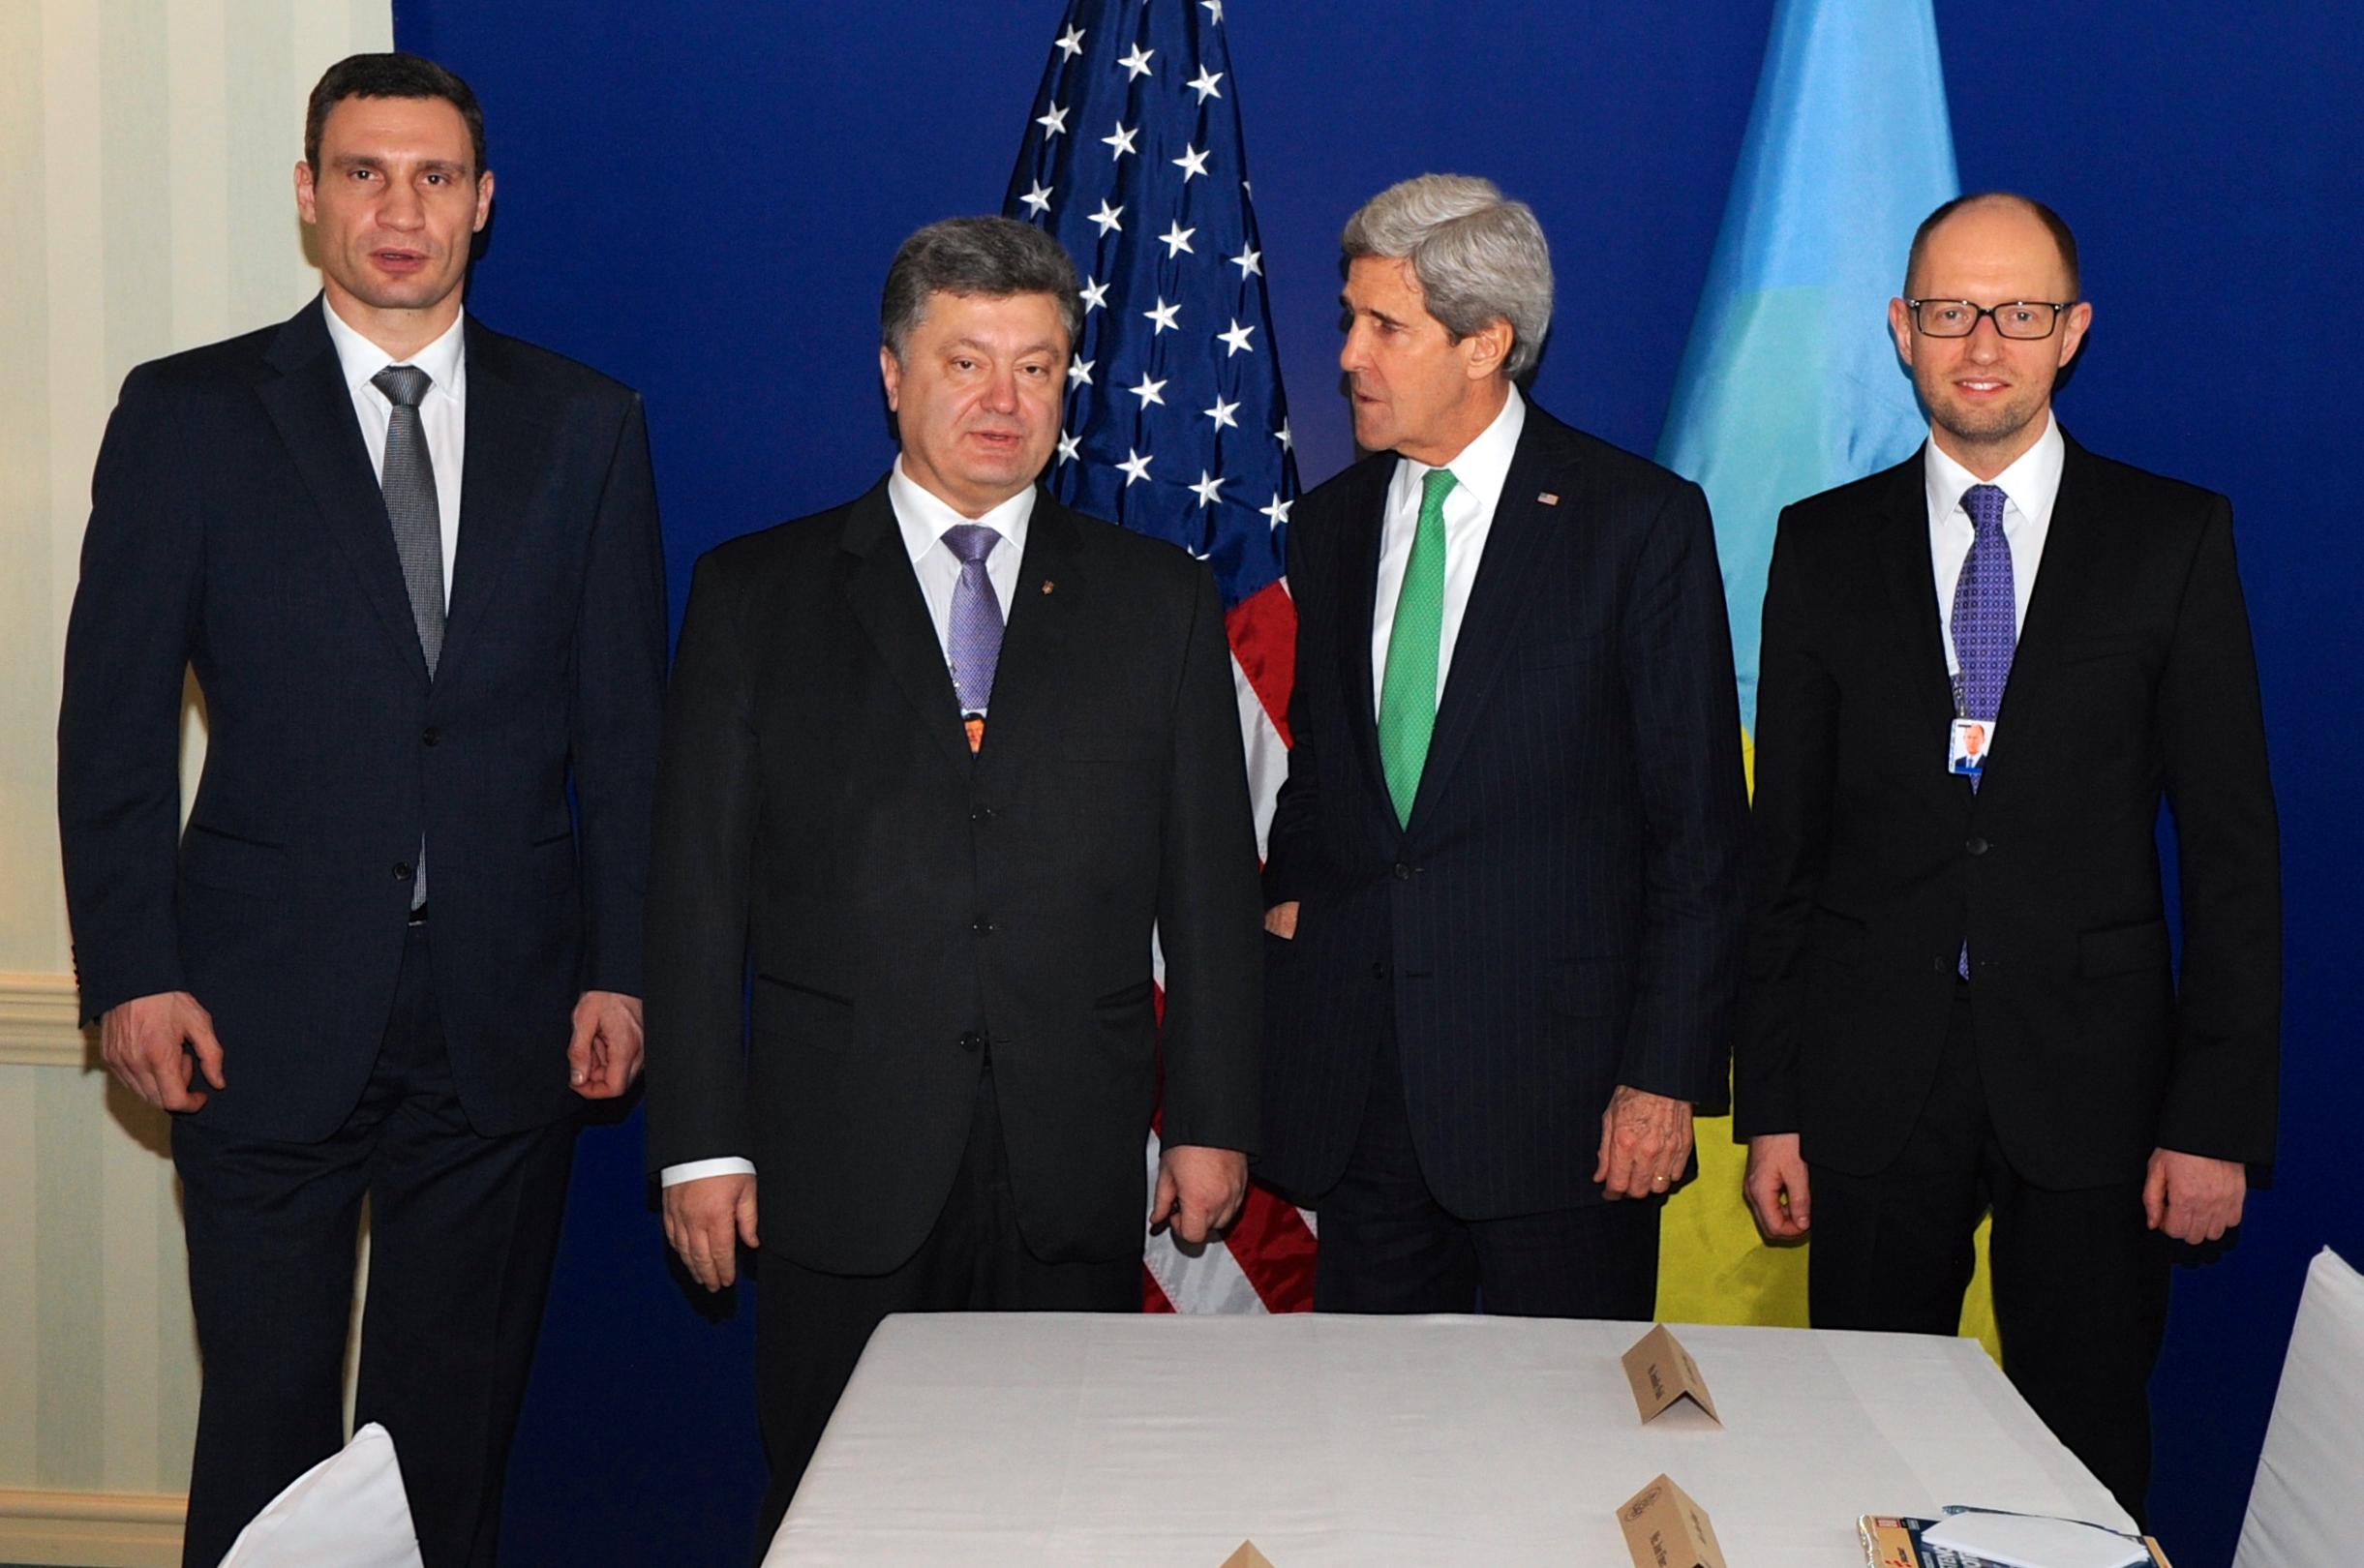 واشنطن تفكر في تزويد أوكرانيا بالأسلحة